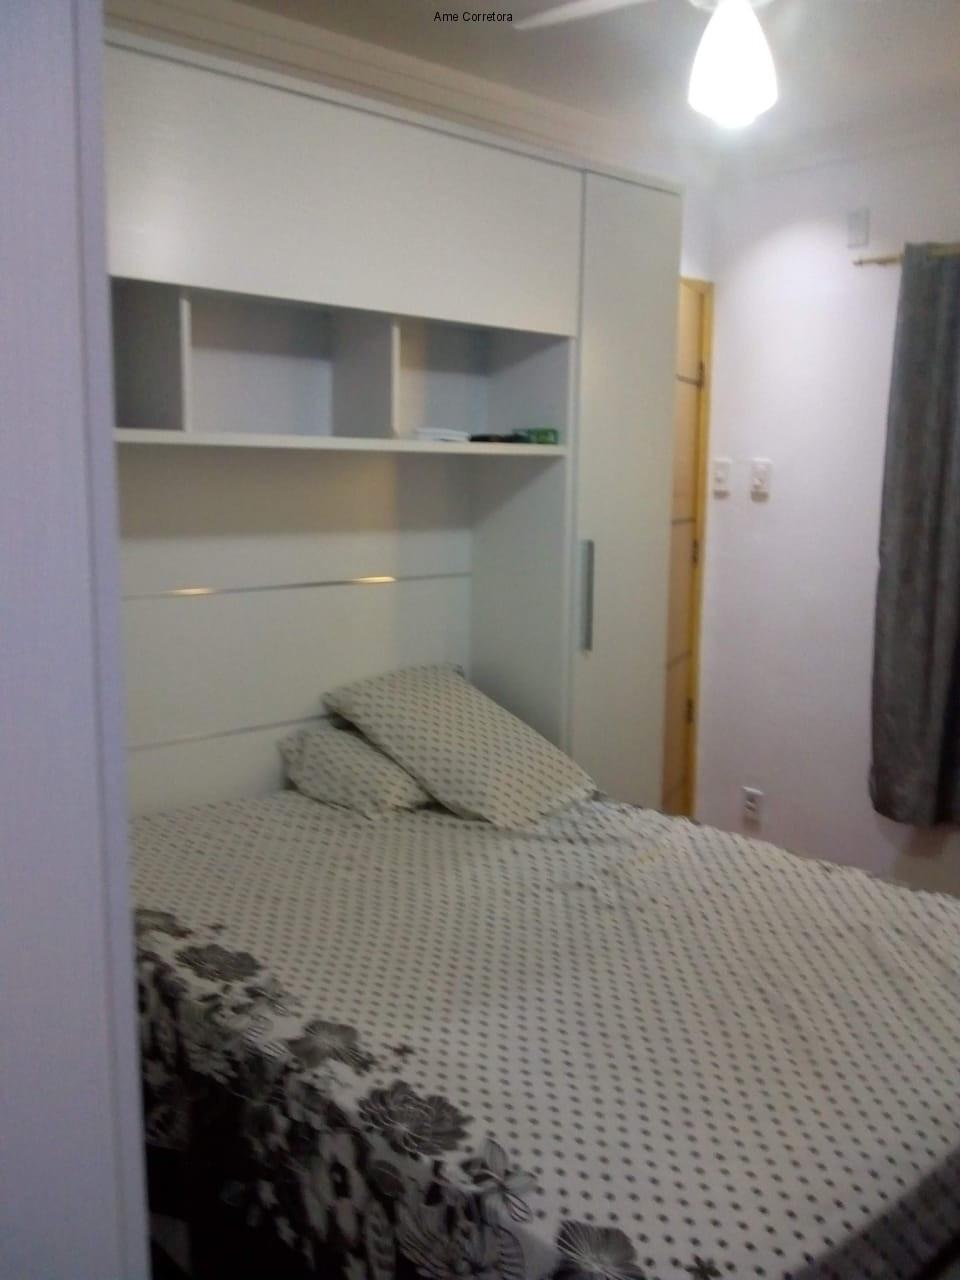 FOTO 09 - Casa 2 quartos à venda Rio de Janeiro,RJ - R$ 250.000 - CA00750 - 10